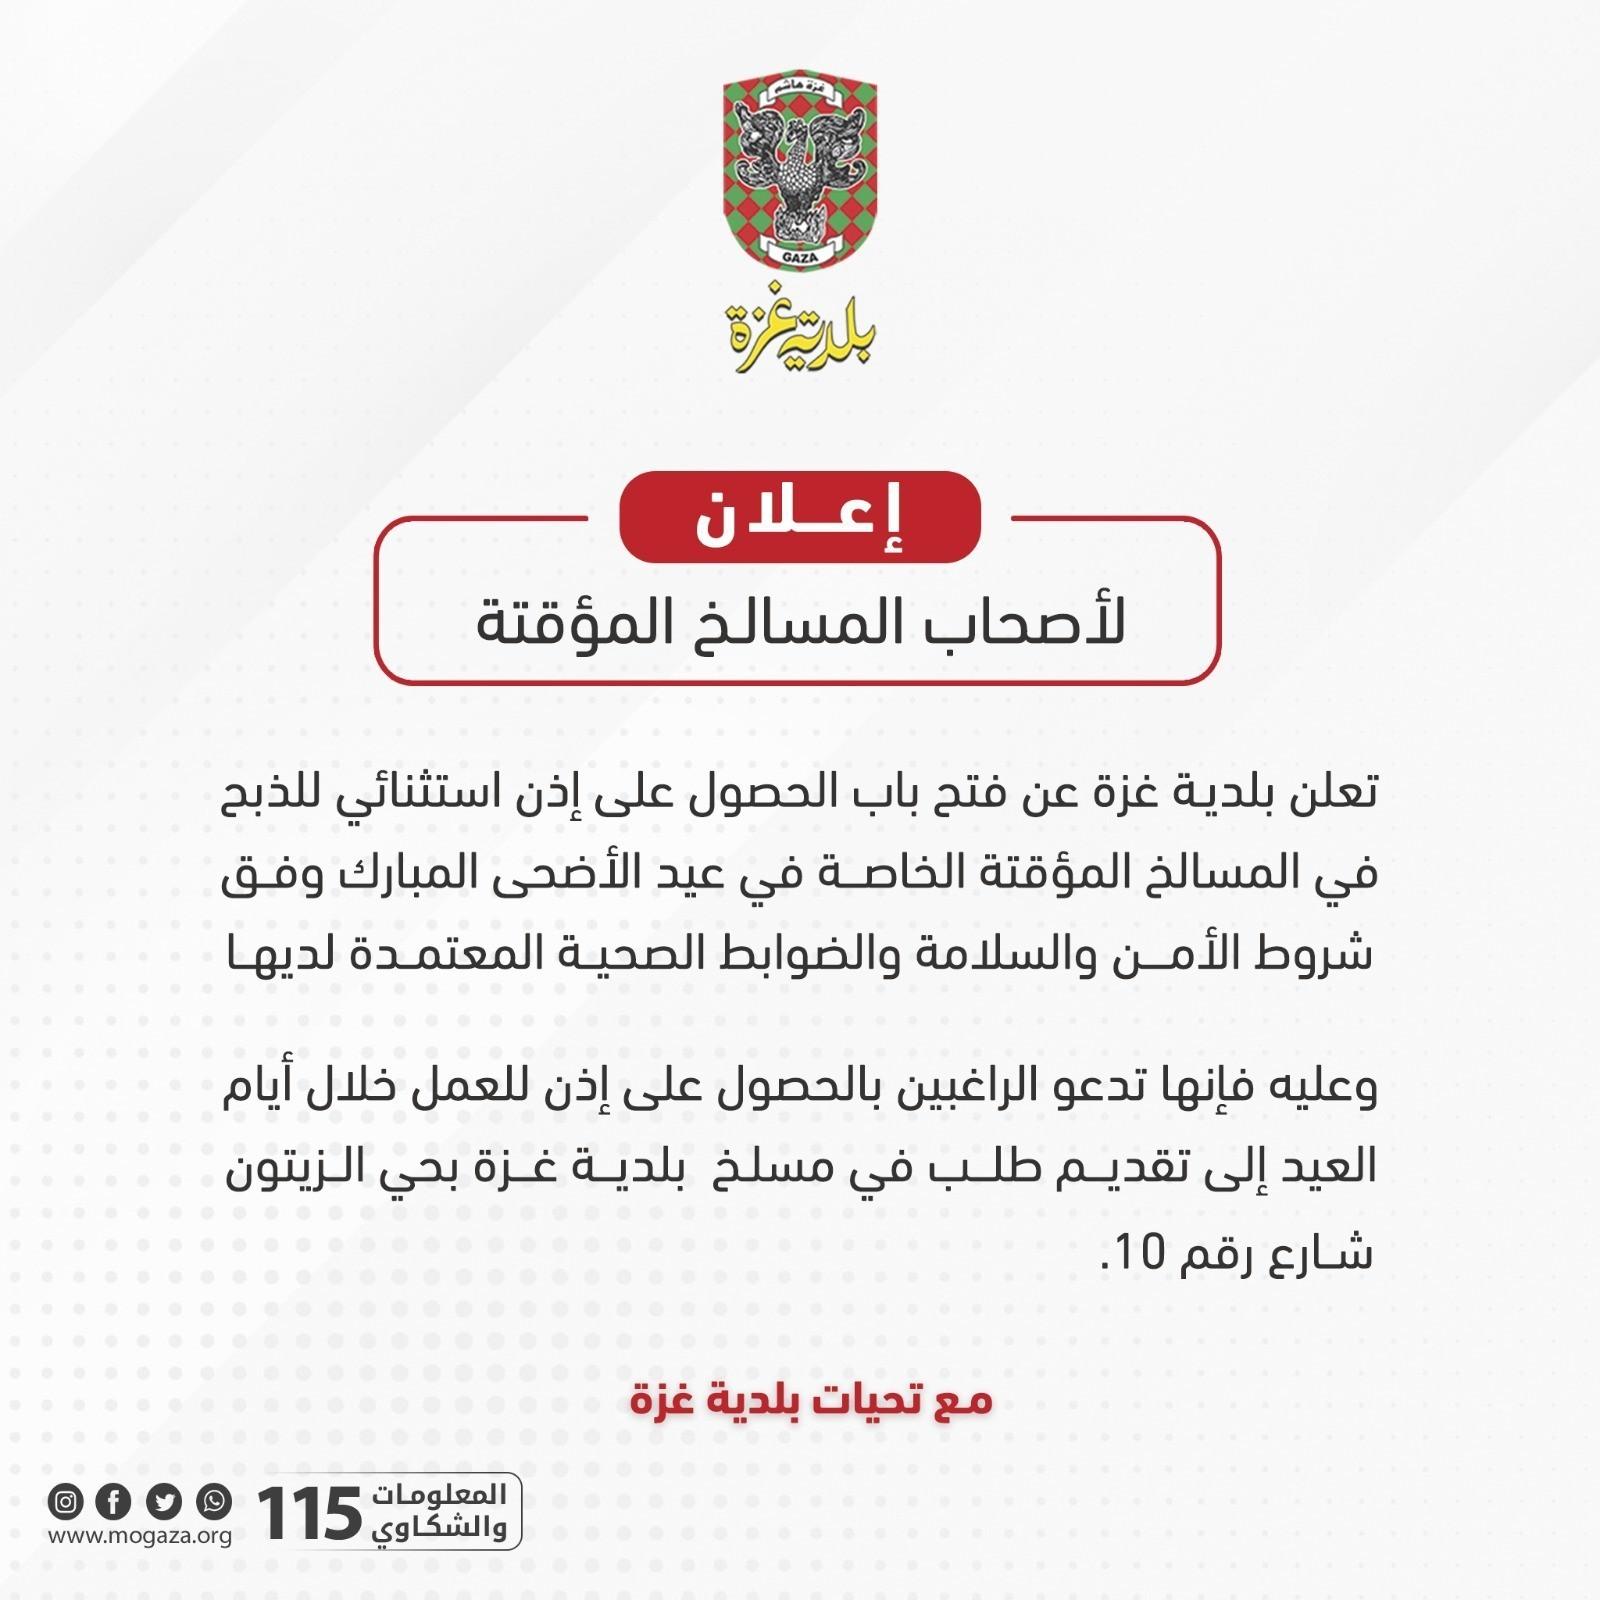 بلدية غزة تُصدر إعلاناً مهماً لأصحاب المسالخ